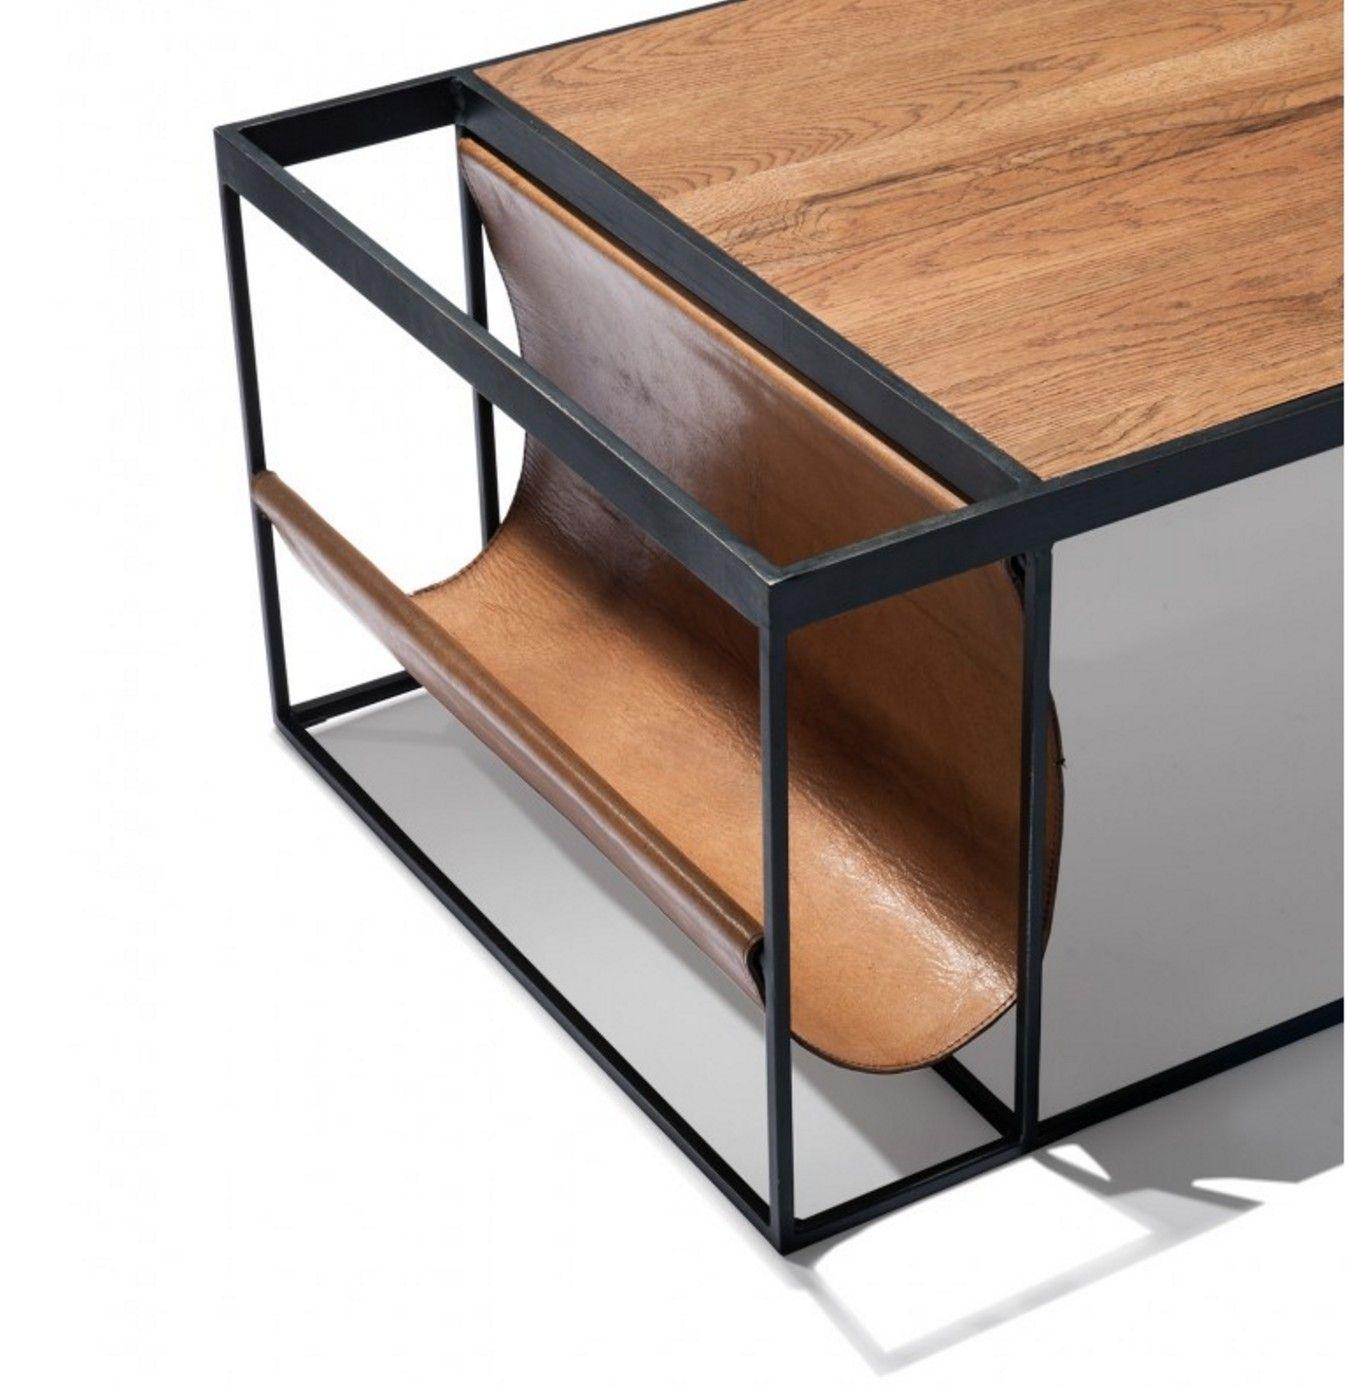 Voici Une Belle Table Basse Toute Simple Mais Finalement Parfaite Avec Sa  Structure En Métal Noir